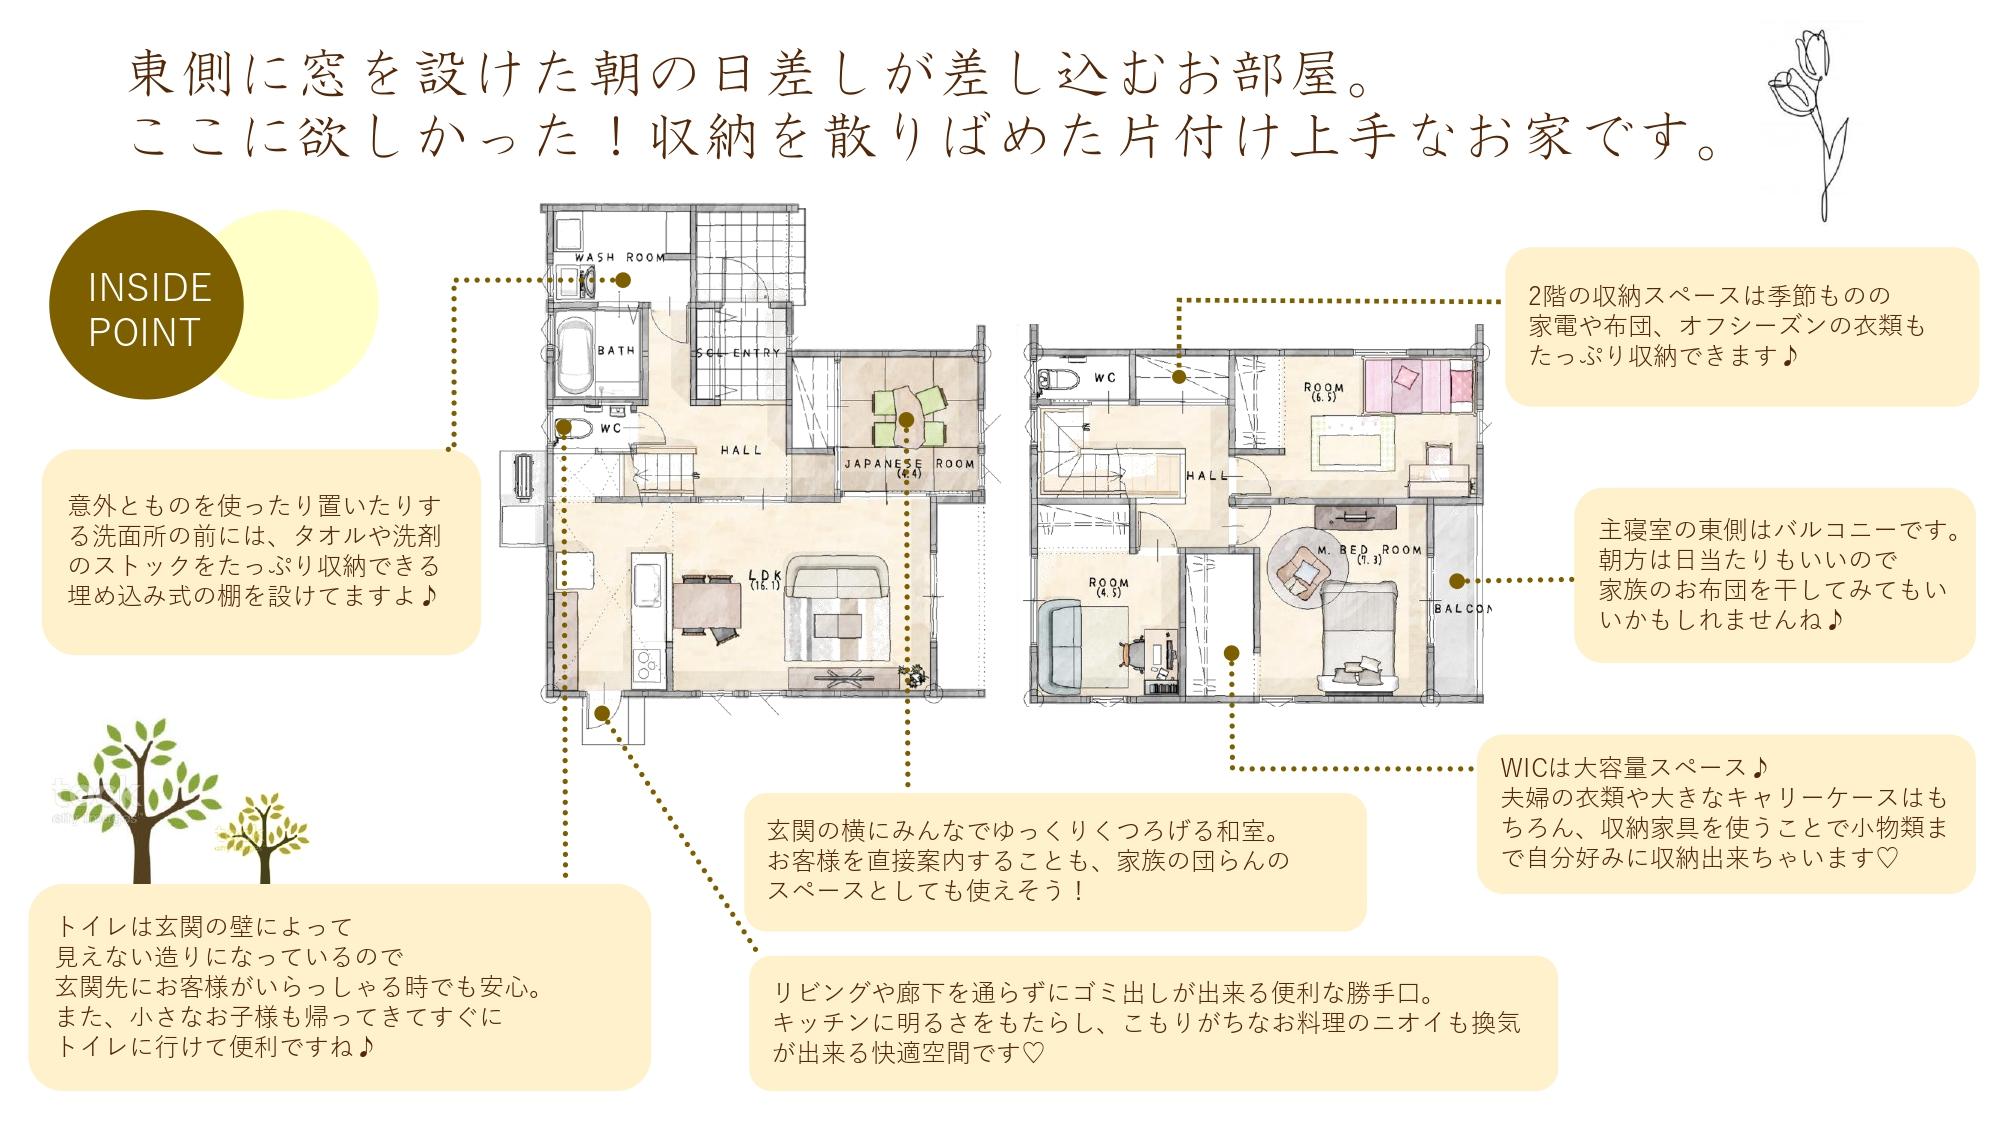 神埼市新築建売住宅「OURS神埼町Ⅱ2号地」